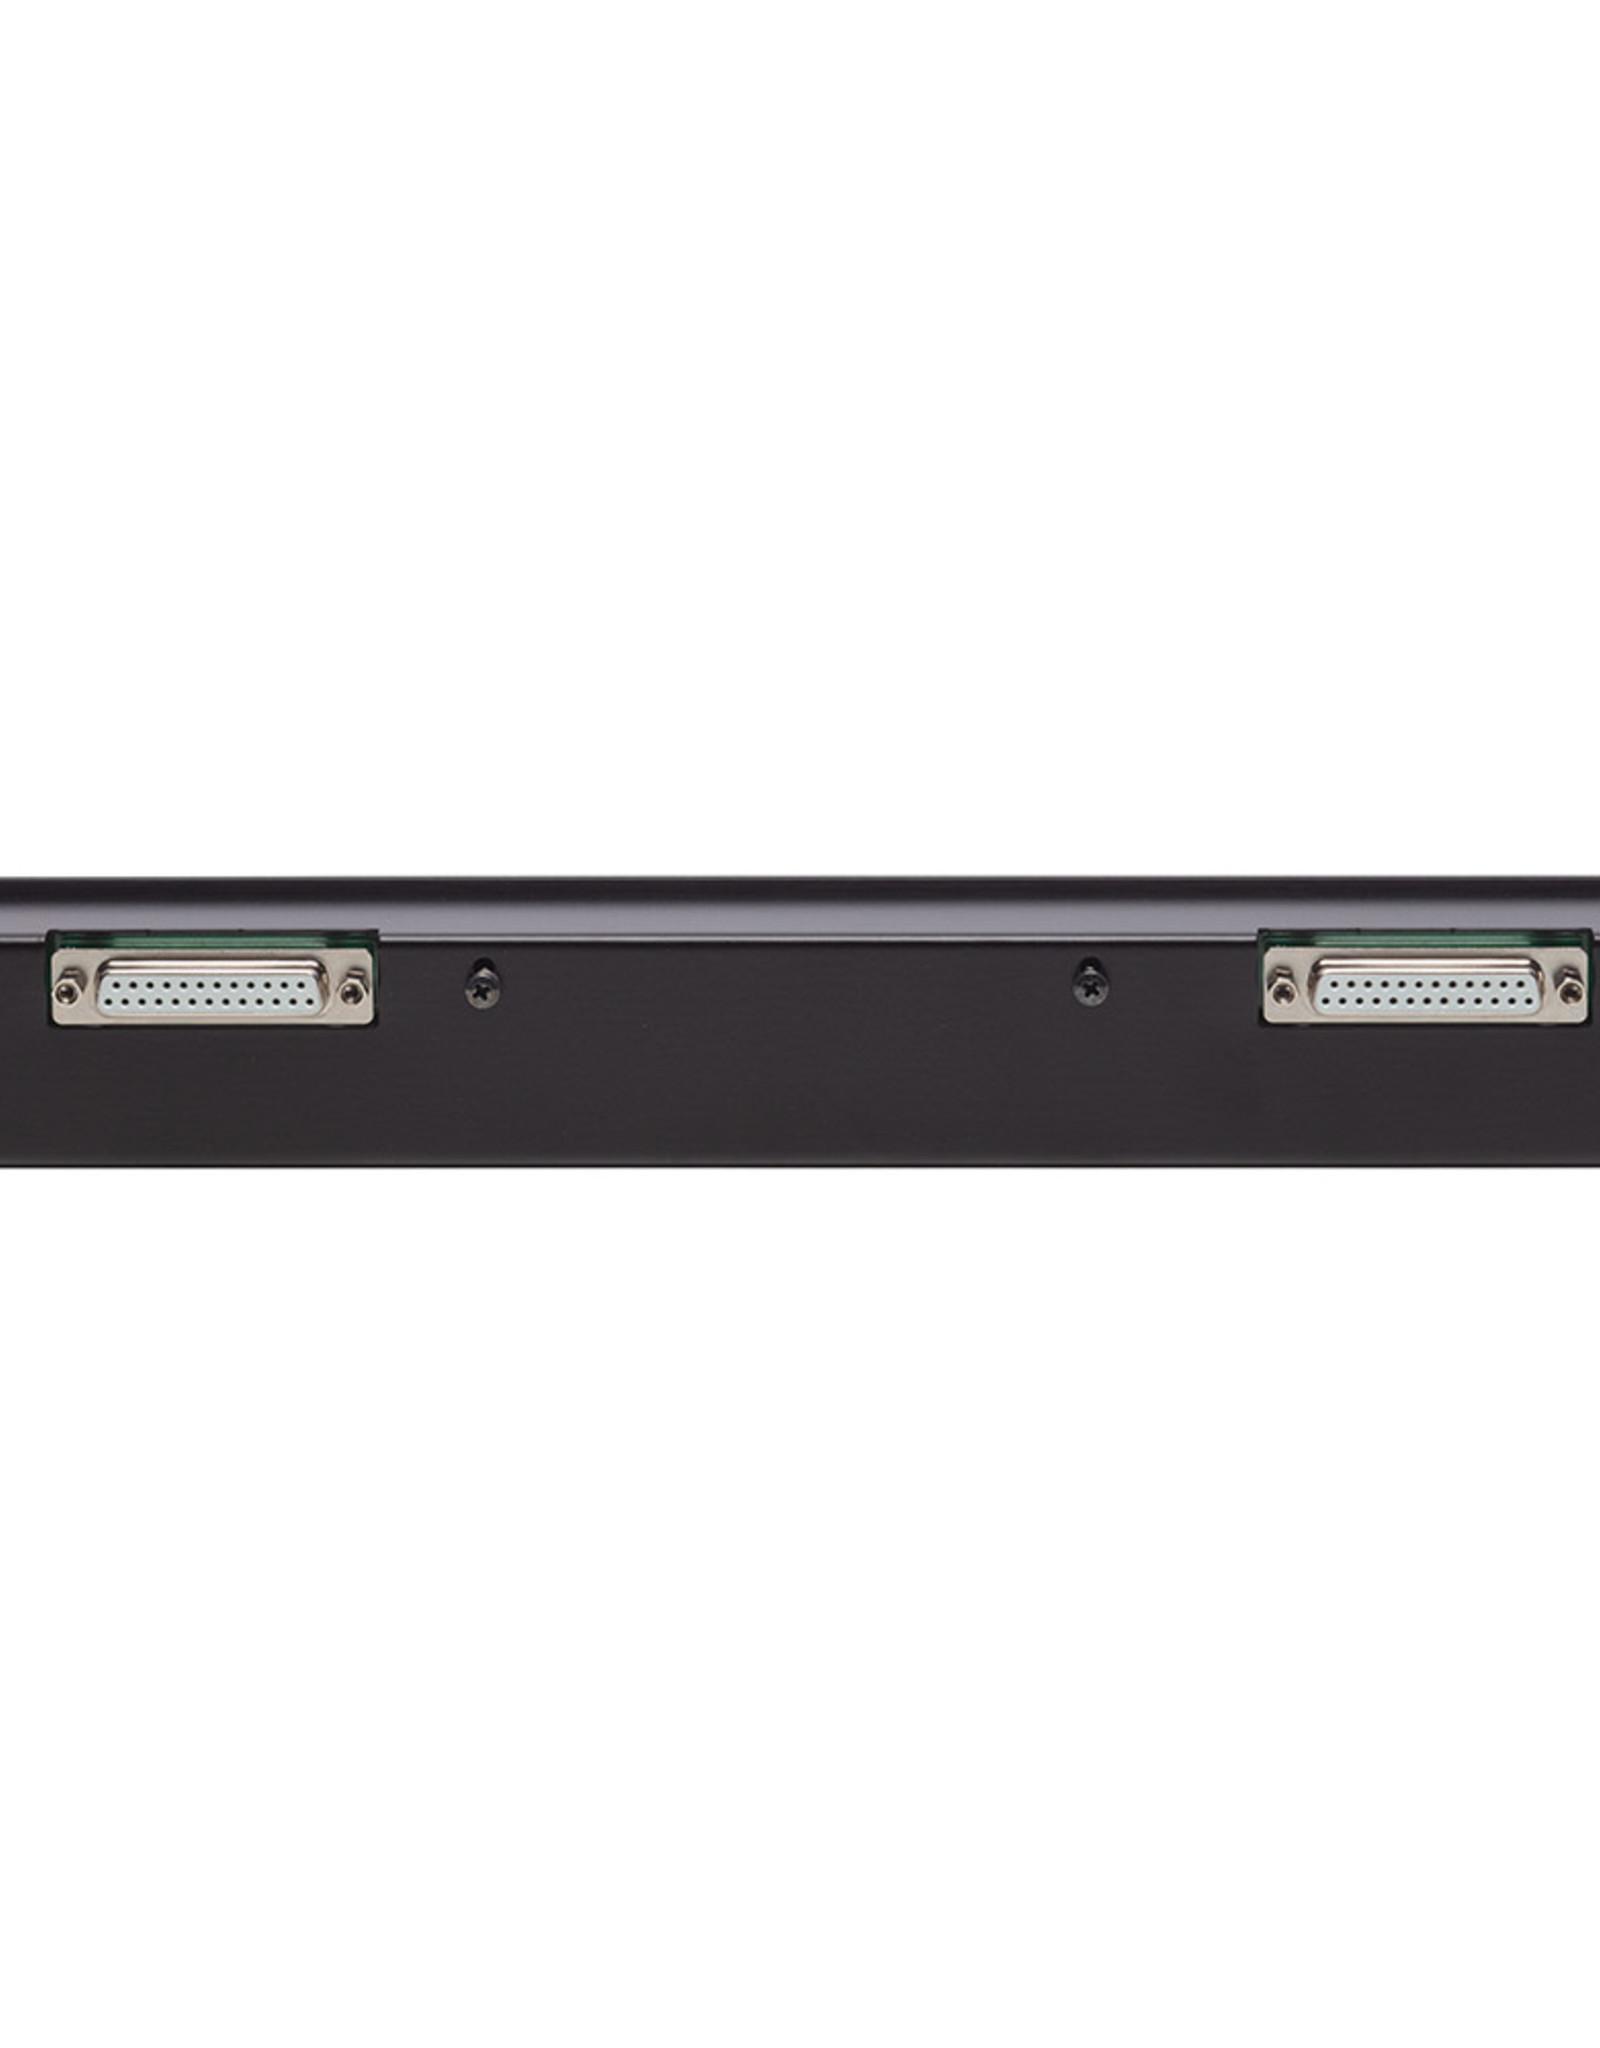 Merlet DB25XLR-AES Breakout Box